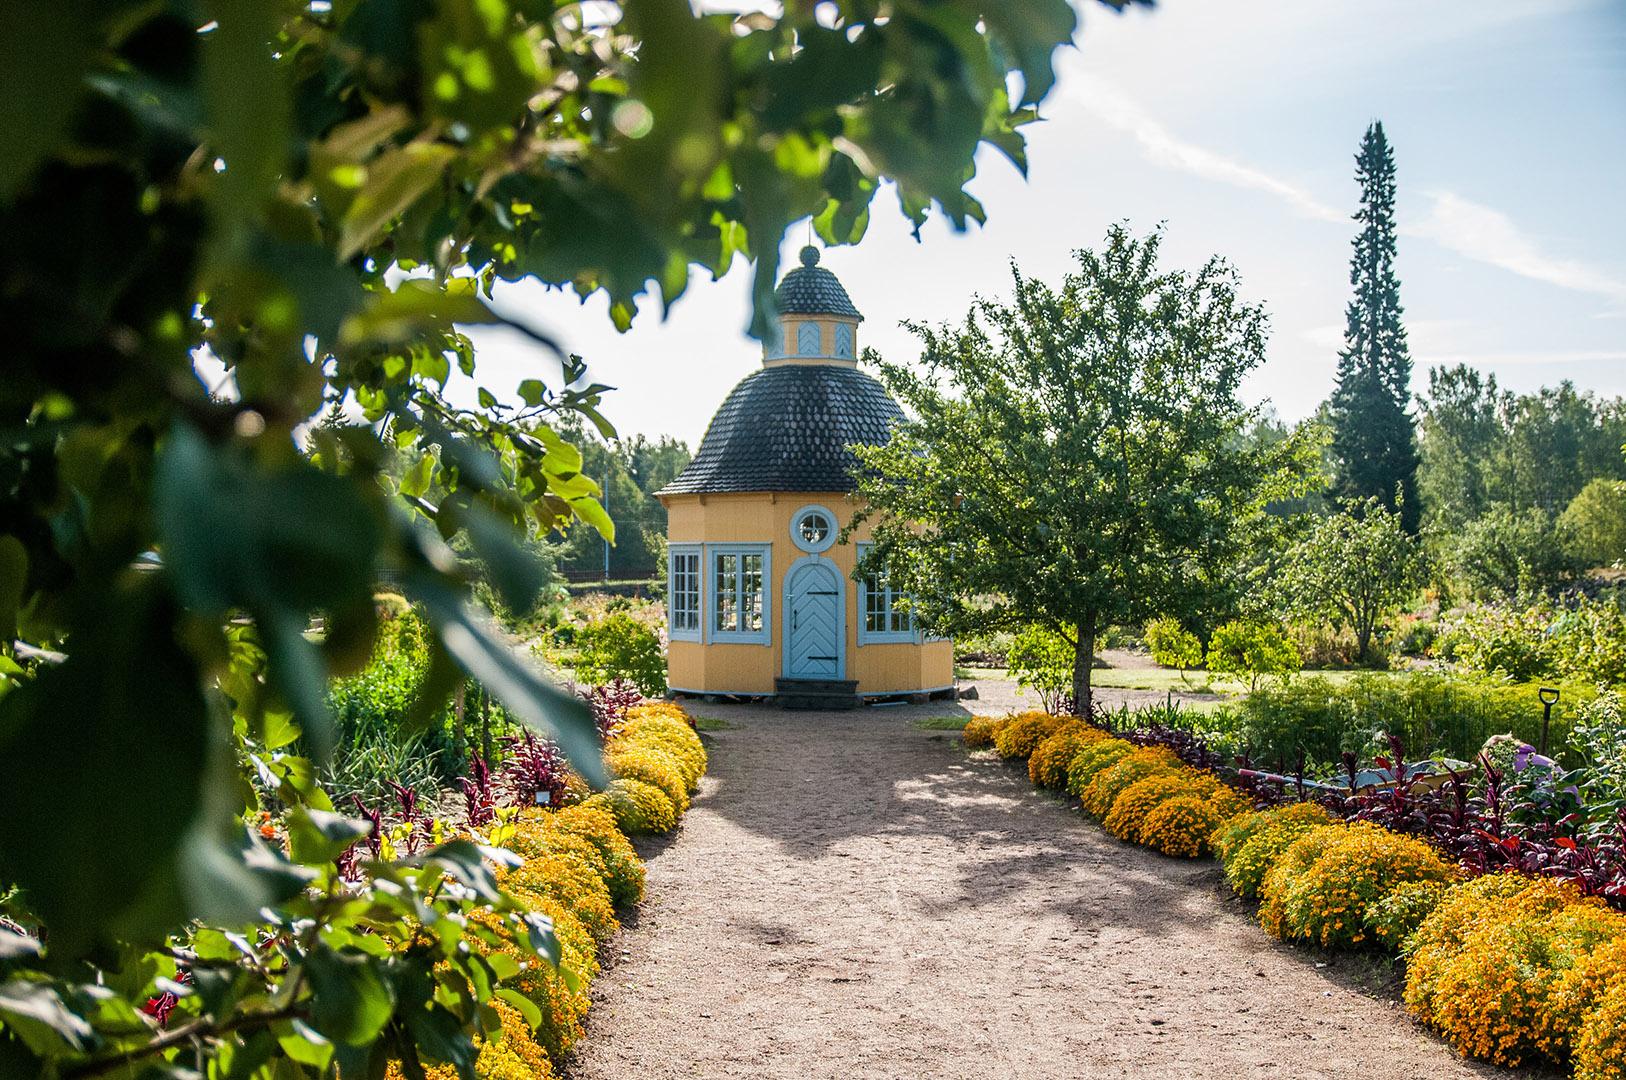 4_Visit Pietarsaari Seutu_4_Rosenlund Garden_Image credit_ Elisa Karhula